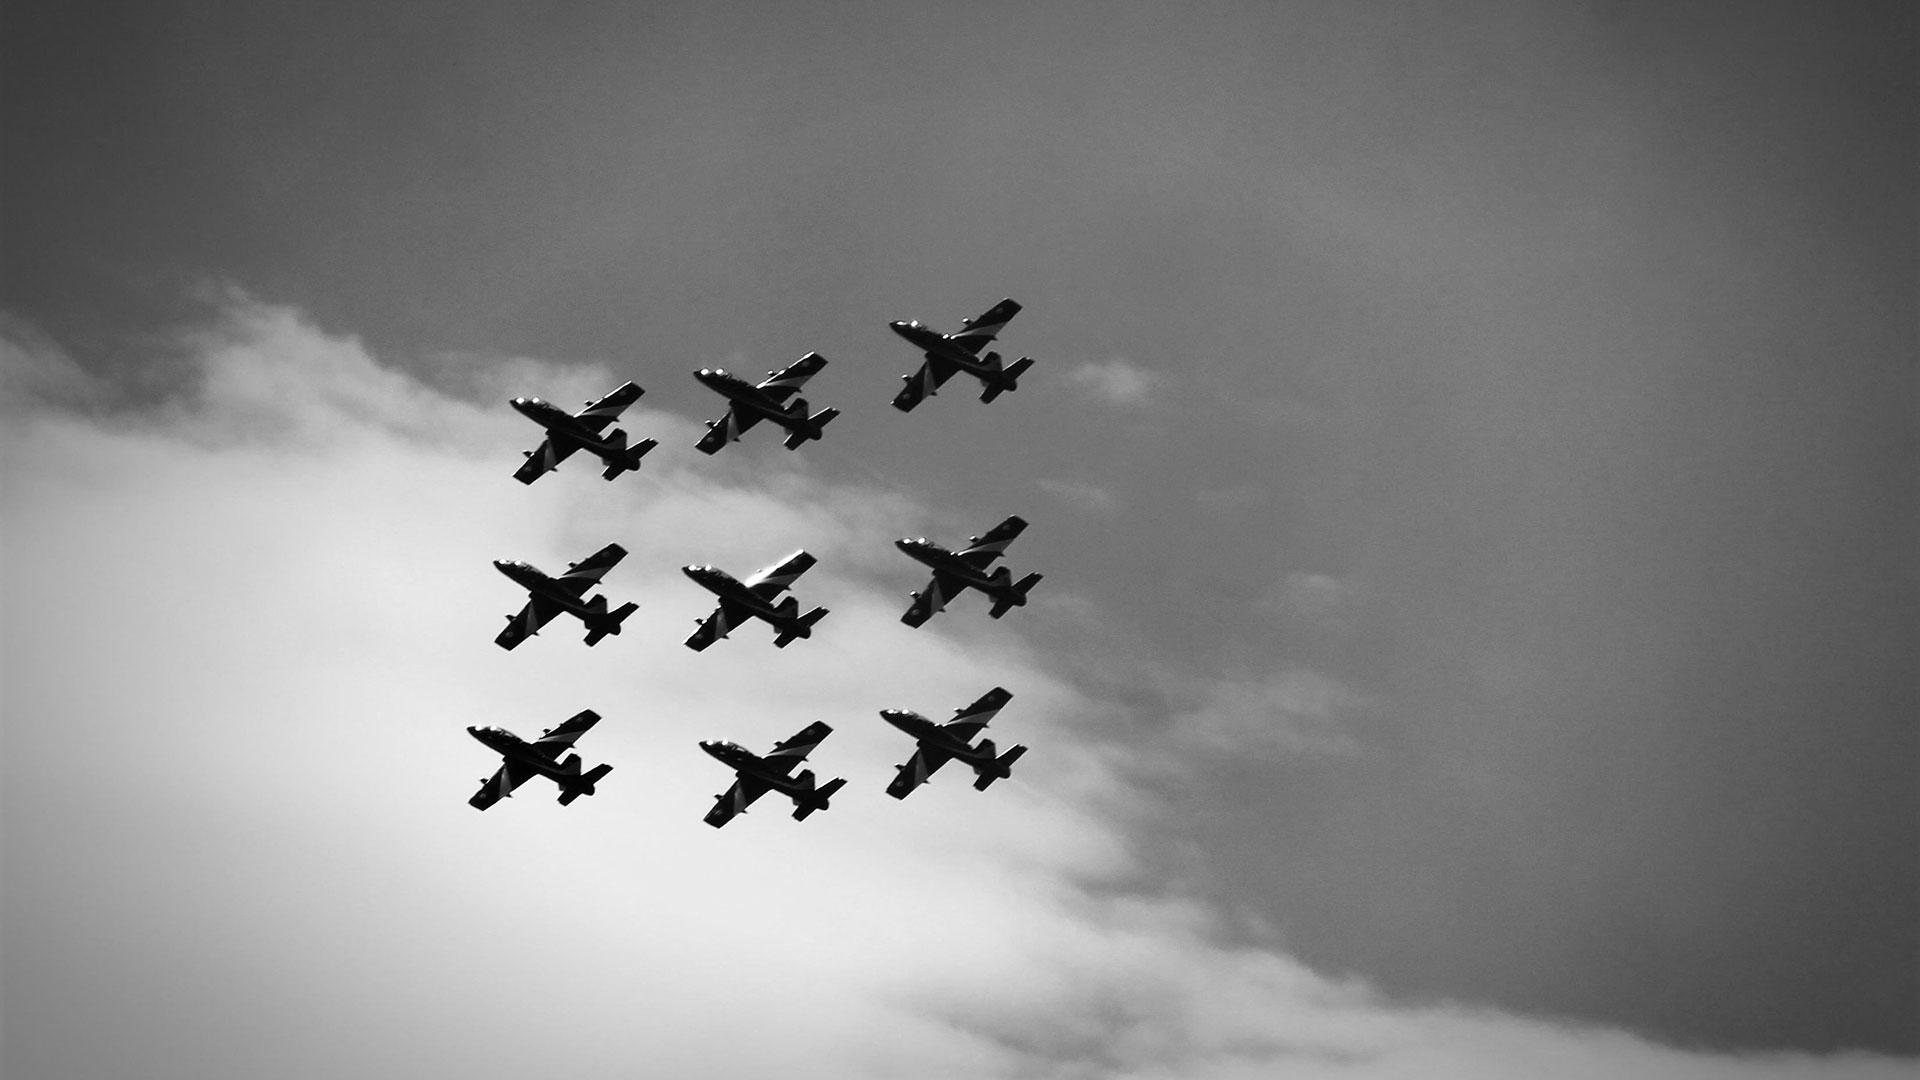 frecce-tricolori-60-anni-pan-pattuglia-acrobatica-nazionale-aeronautica-militare-(26)